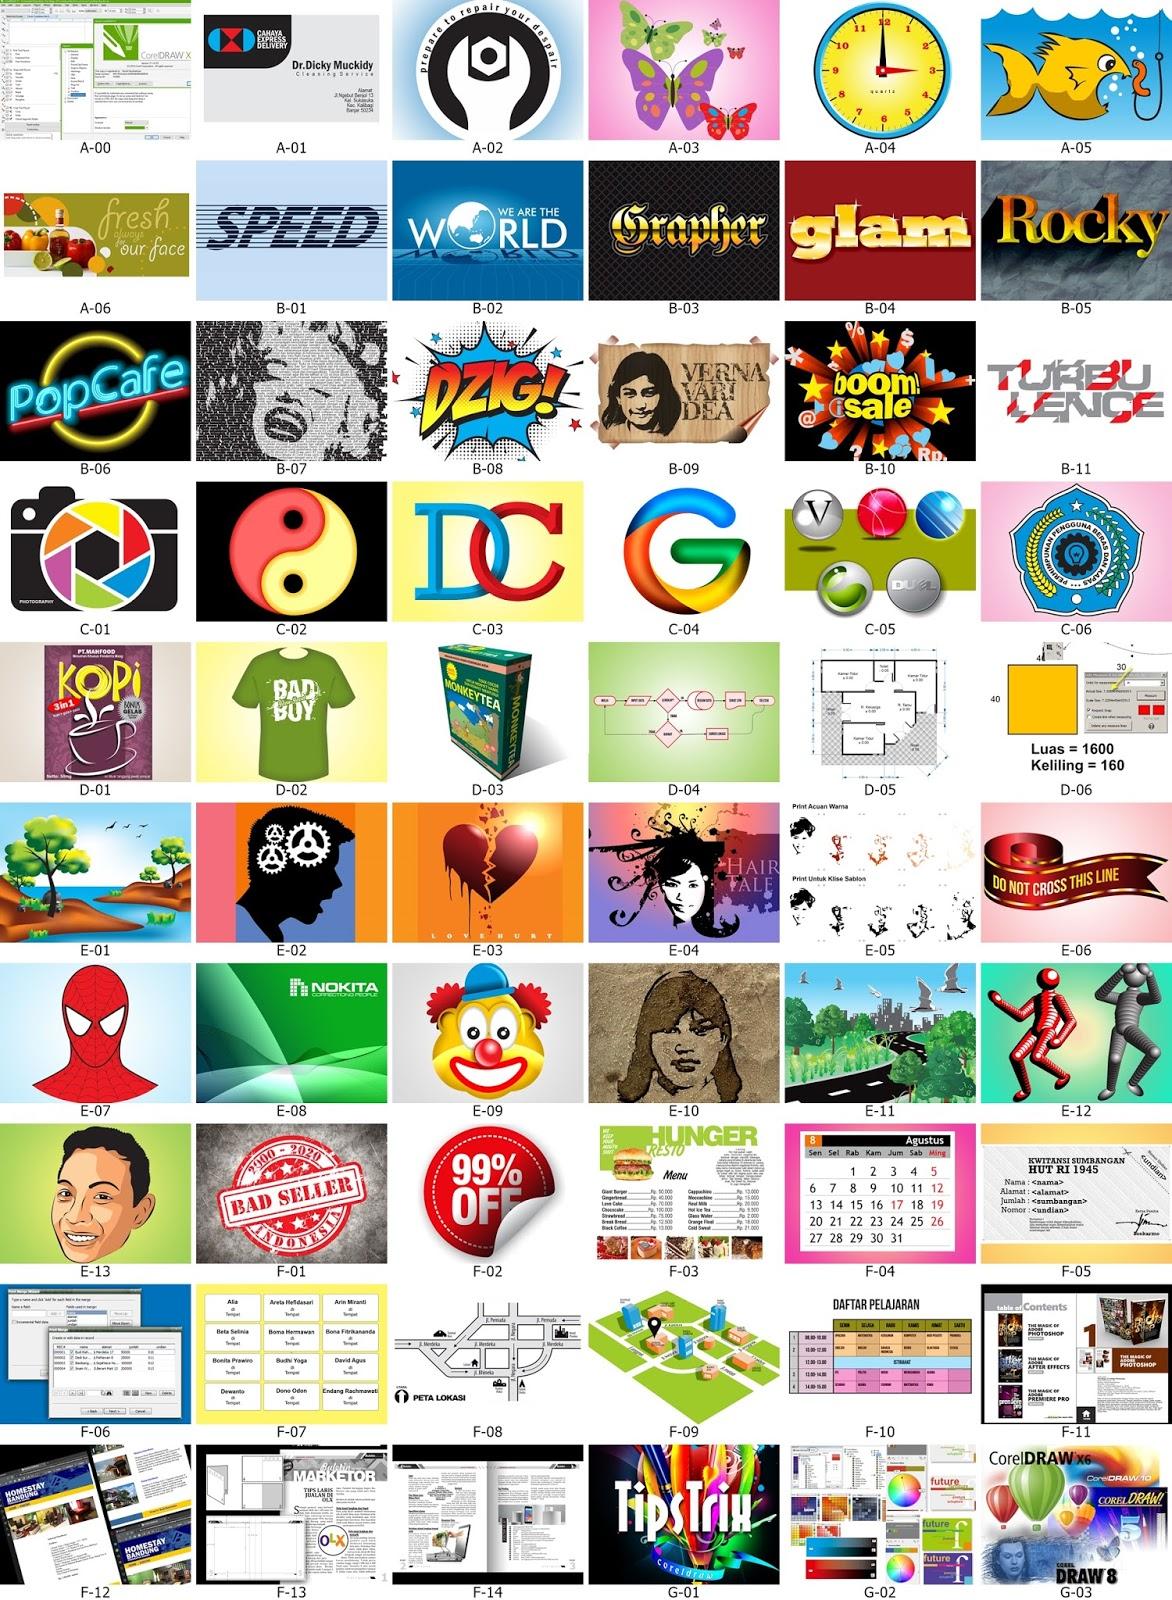 Buku Panduan Corel Draw x4 x5 x6 | Tutorial Corel Draw